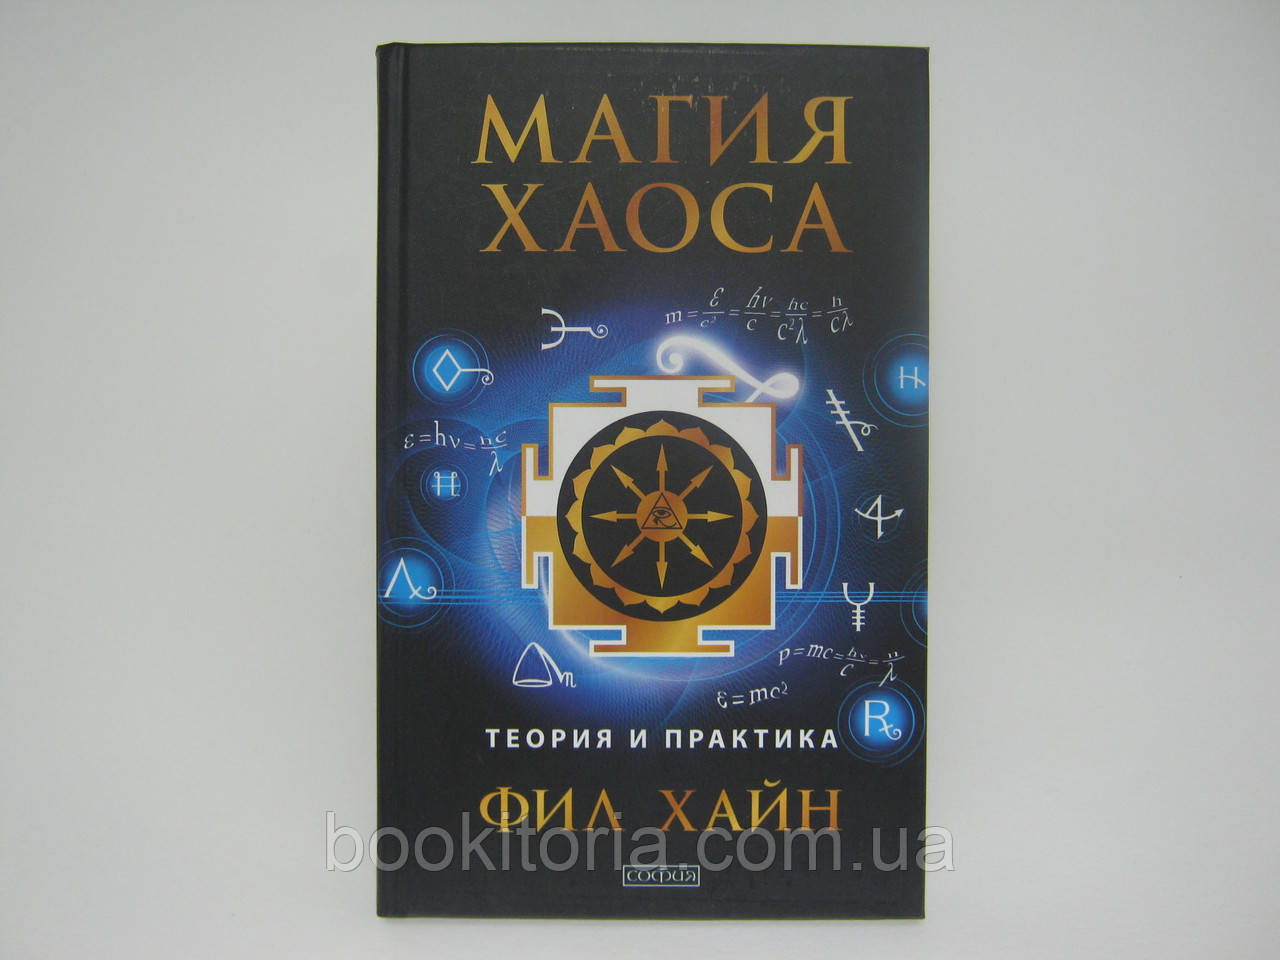 Хайн Ф. Магия хаоса. Теория и практика.